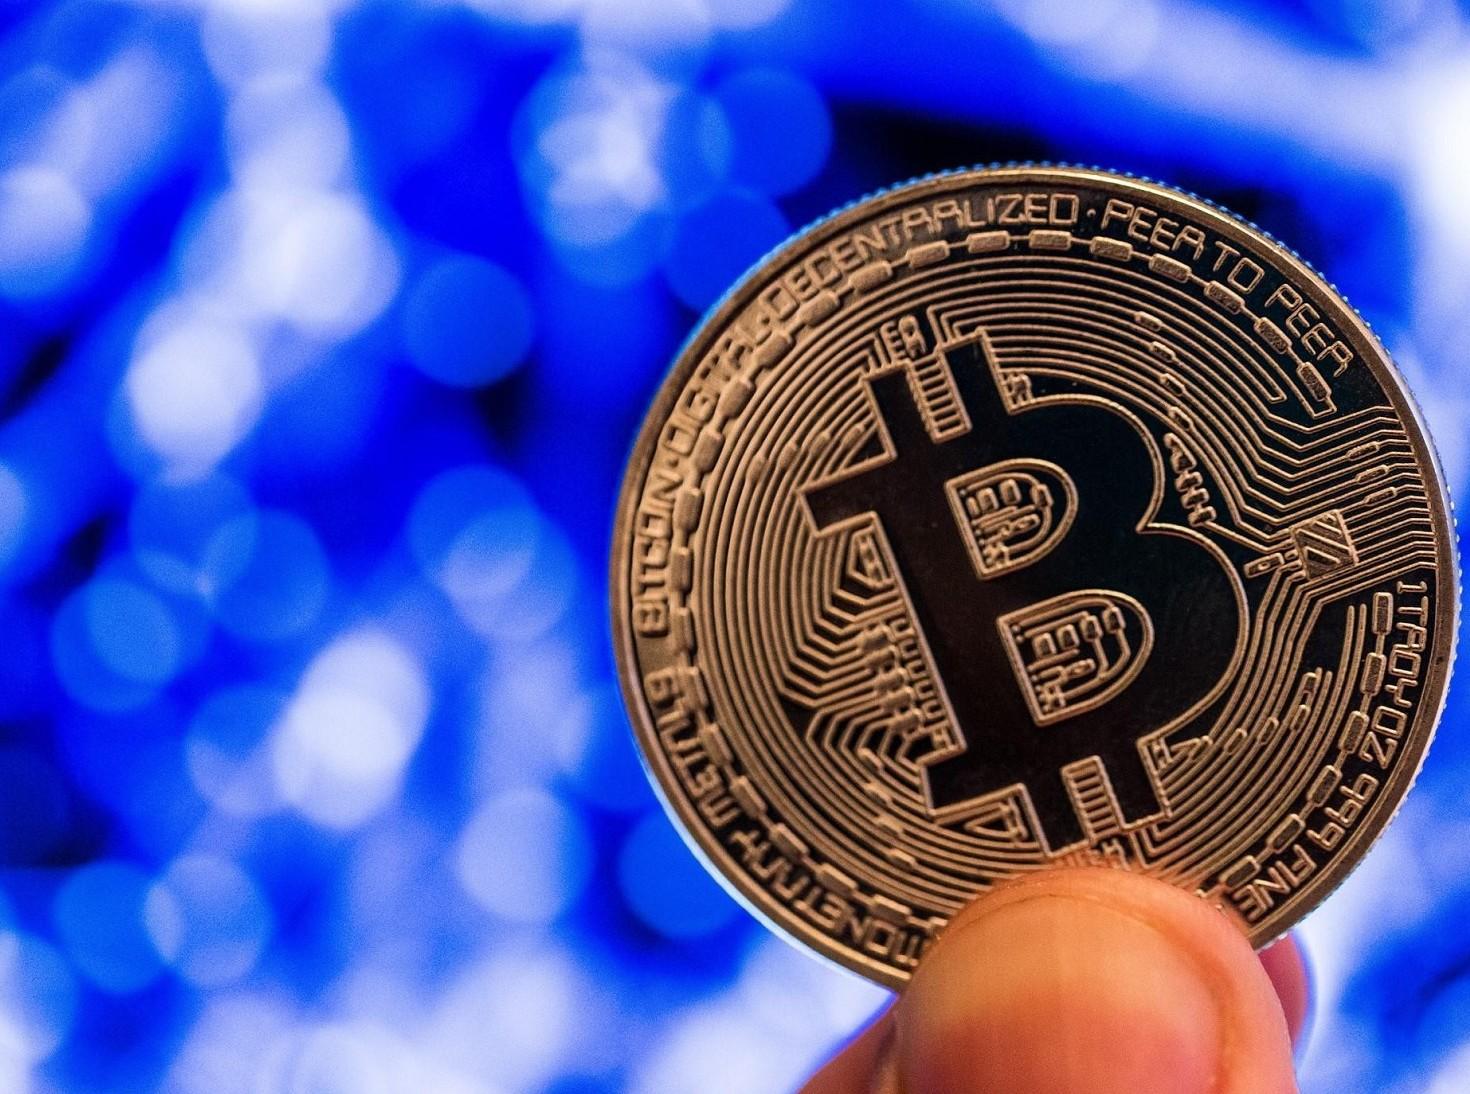 Conviene investire nel Bitcoin nel 2019?